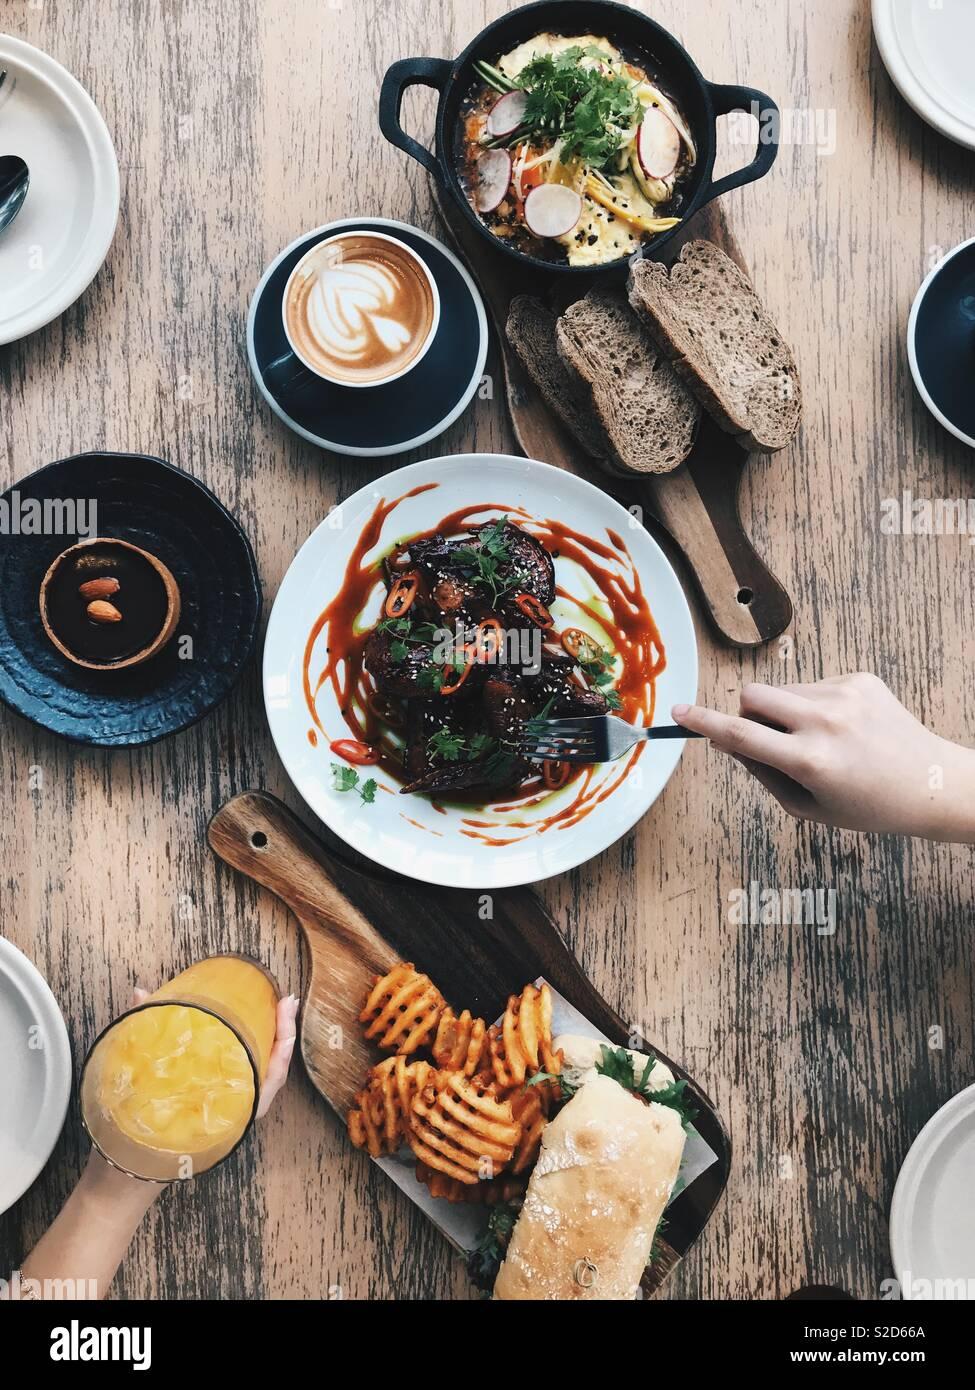 Café y comida Imagen De Stock